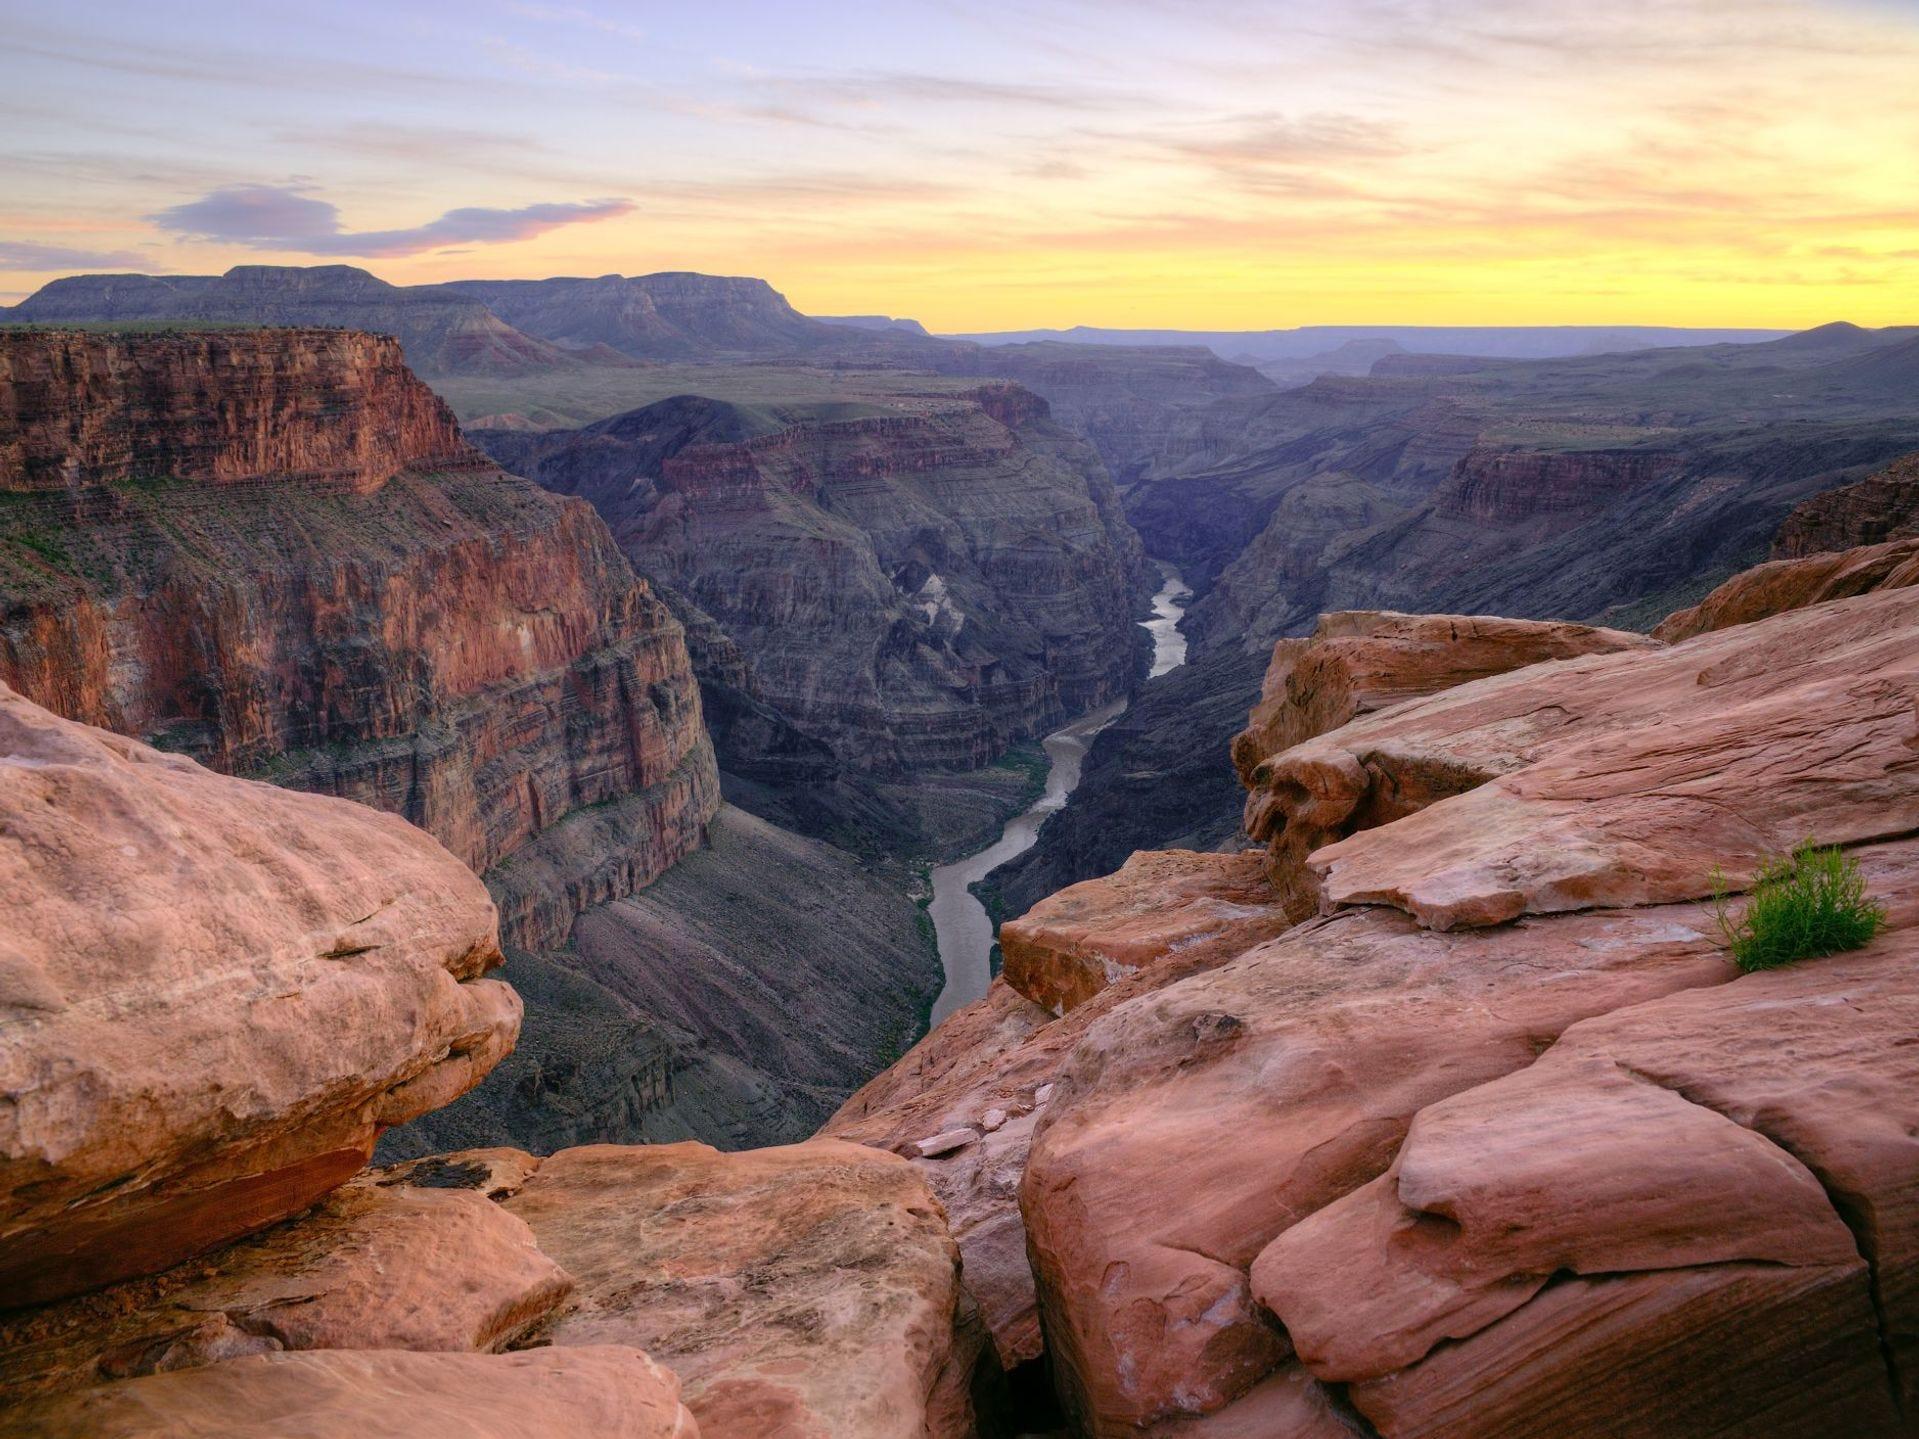 Grand Canyon North Rim en Toroweap Point después de la puesta del sol.